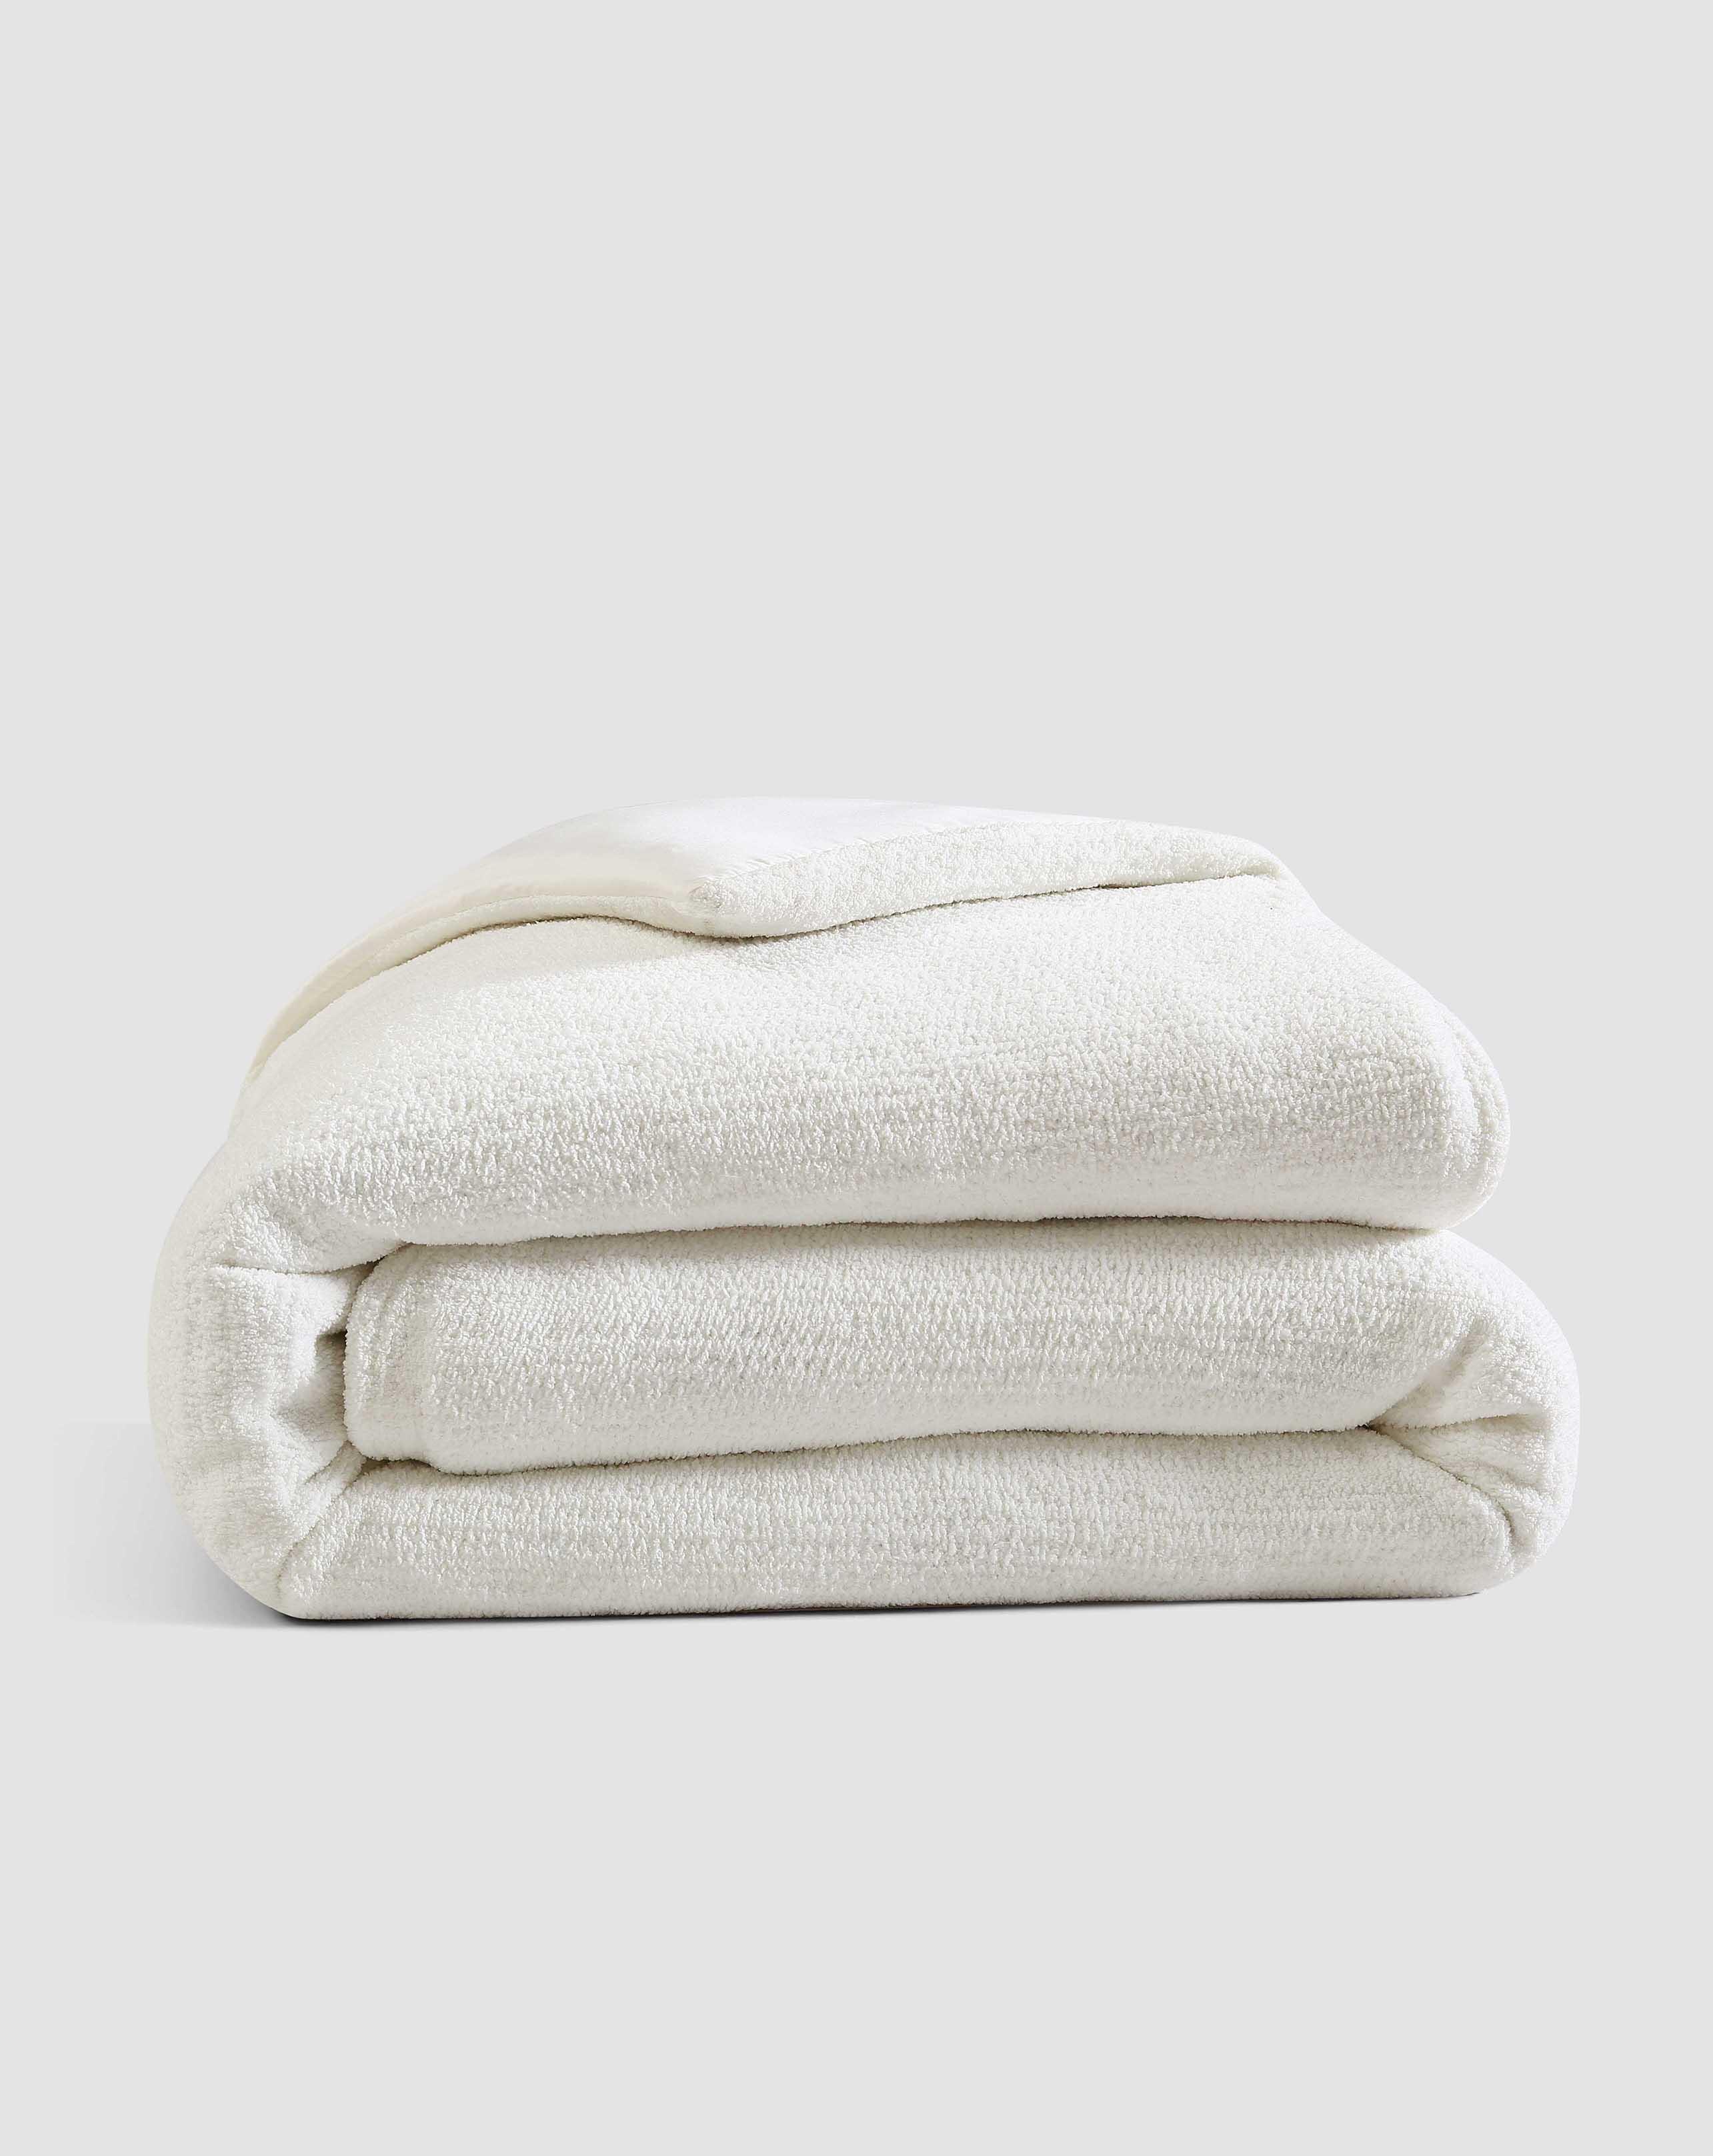 Snug Bamboo Duvet Cover